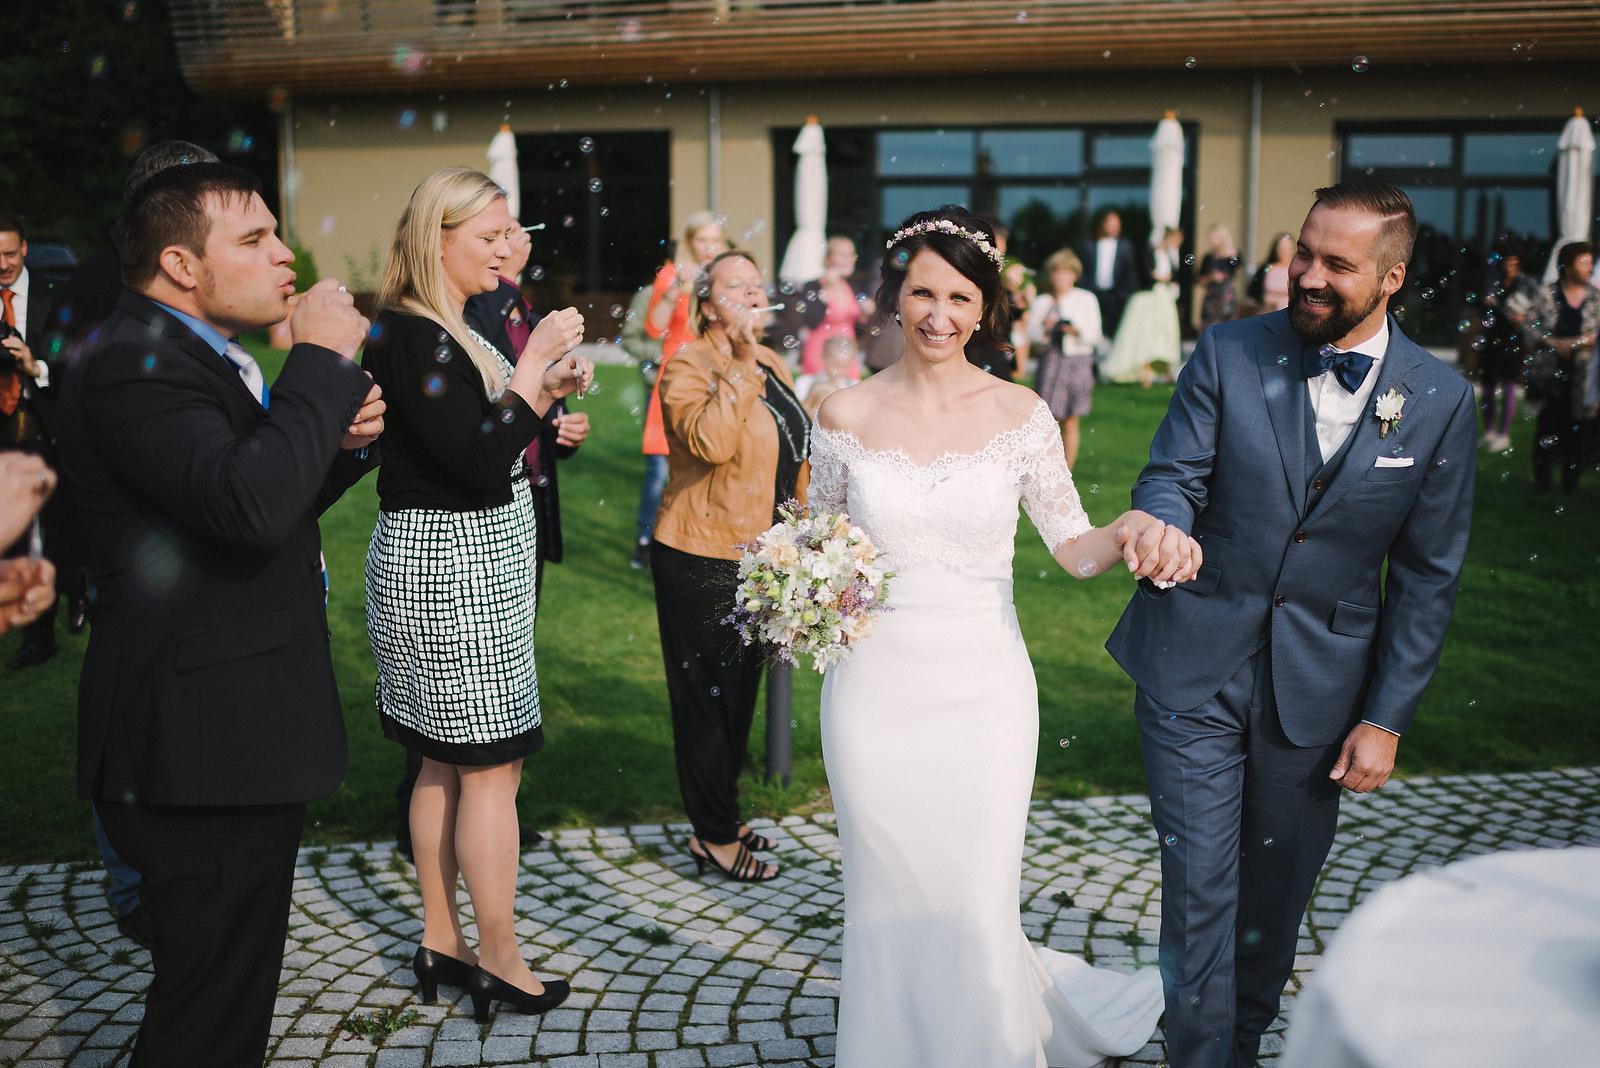 Fotograf Konstanz - Hochzeitsfotograf Reutlingen Achalm Hochzeit EFP 62 - Documentary wedding story on the Achalm, Reutlingen  - 50 -